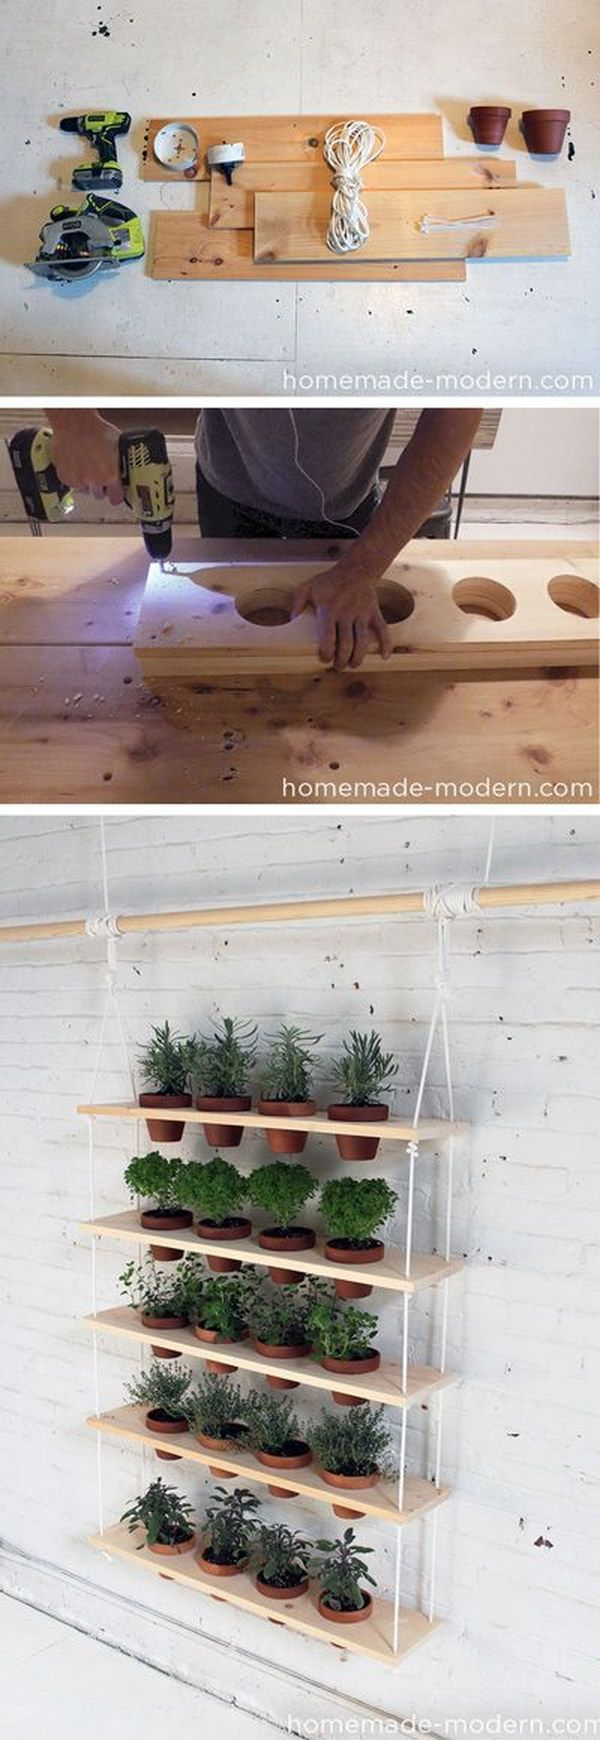 30+ Cool Indoor and Outdoor Vertical Garden Ideas 2017